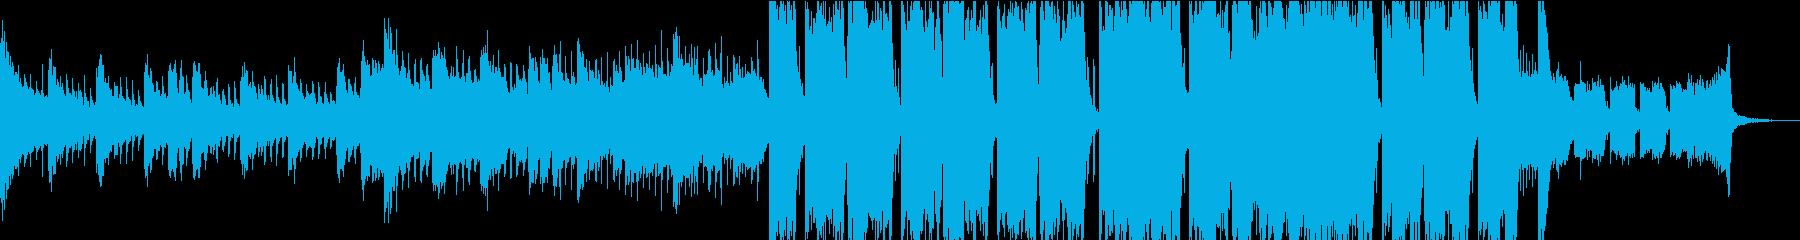 オープニング・EDM・フューチャーベースの再生済みの波形